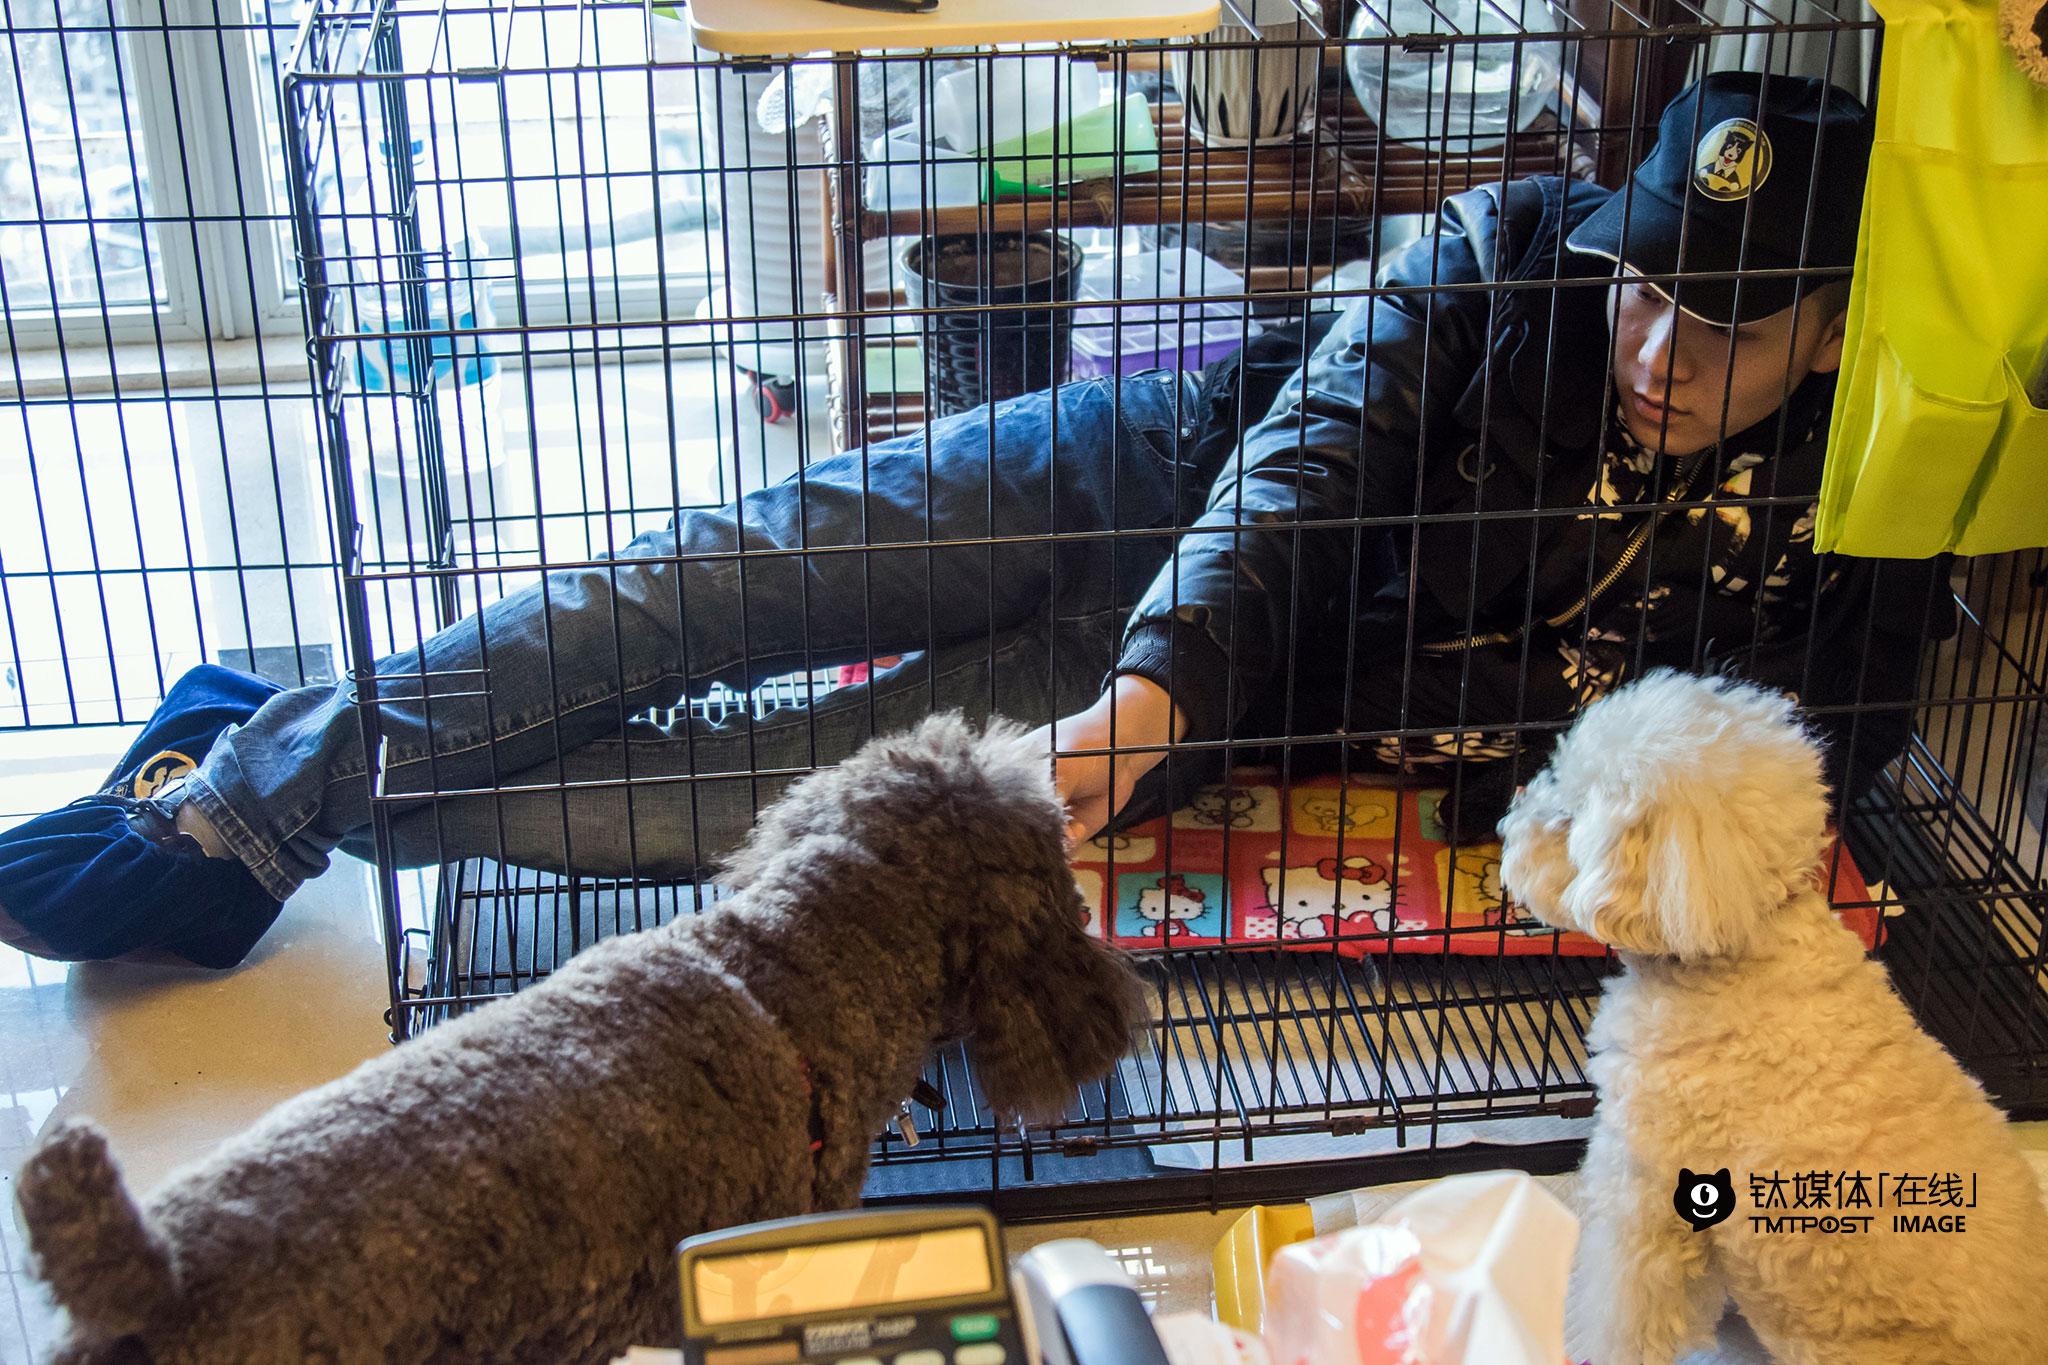 """2月18日,训犬师海哲上门对用户的泰迪进行不良行为矫正,他从业8年,现在是""""狗狗家教""""的全职训犬师。用户是一对年轻夫妇,他们准备带着狗狗移民海外,但其中一只出现了咬人、乱叫等不良行为,而当地对宠物饲养的规则比较严格,他们想通过训犬师的帮助来解决狗狗的问题。"""